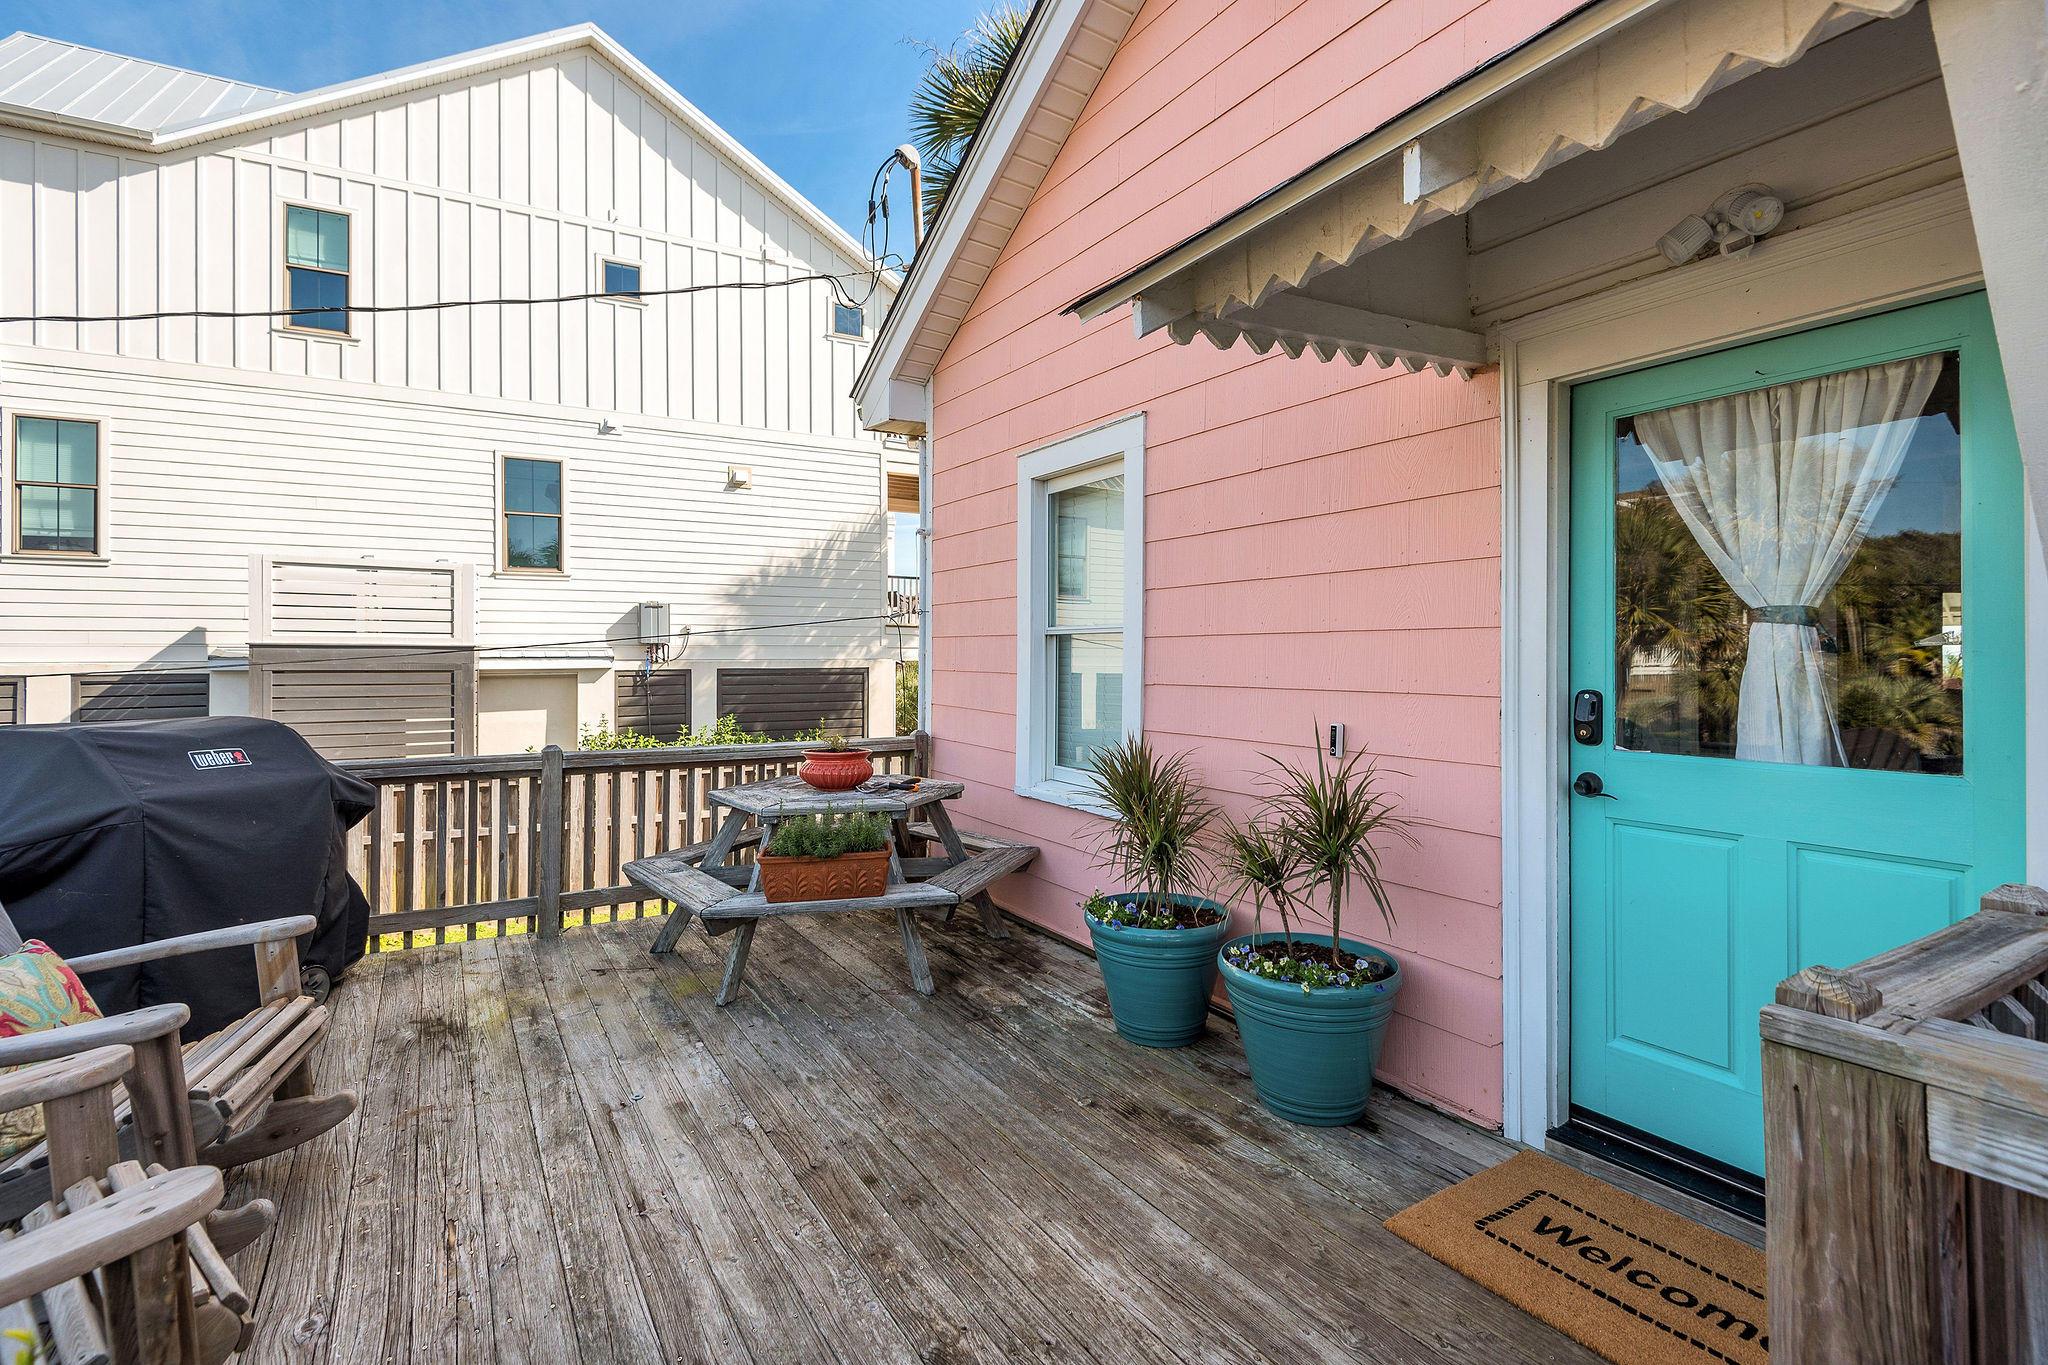 Folly Beach Homes For Sale - 509 Ashley, Folly Beach, SC - 53